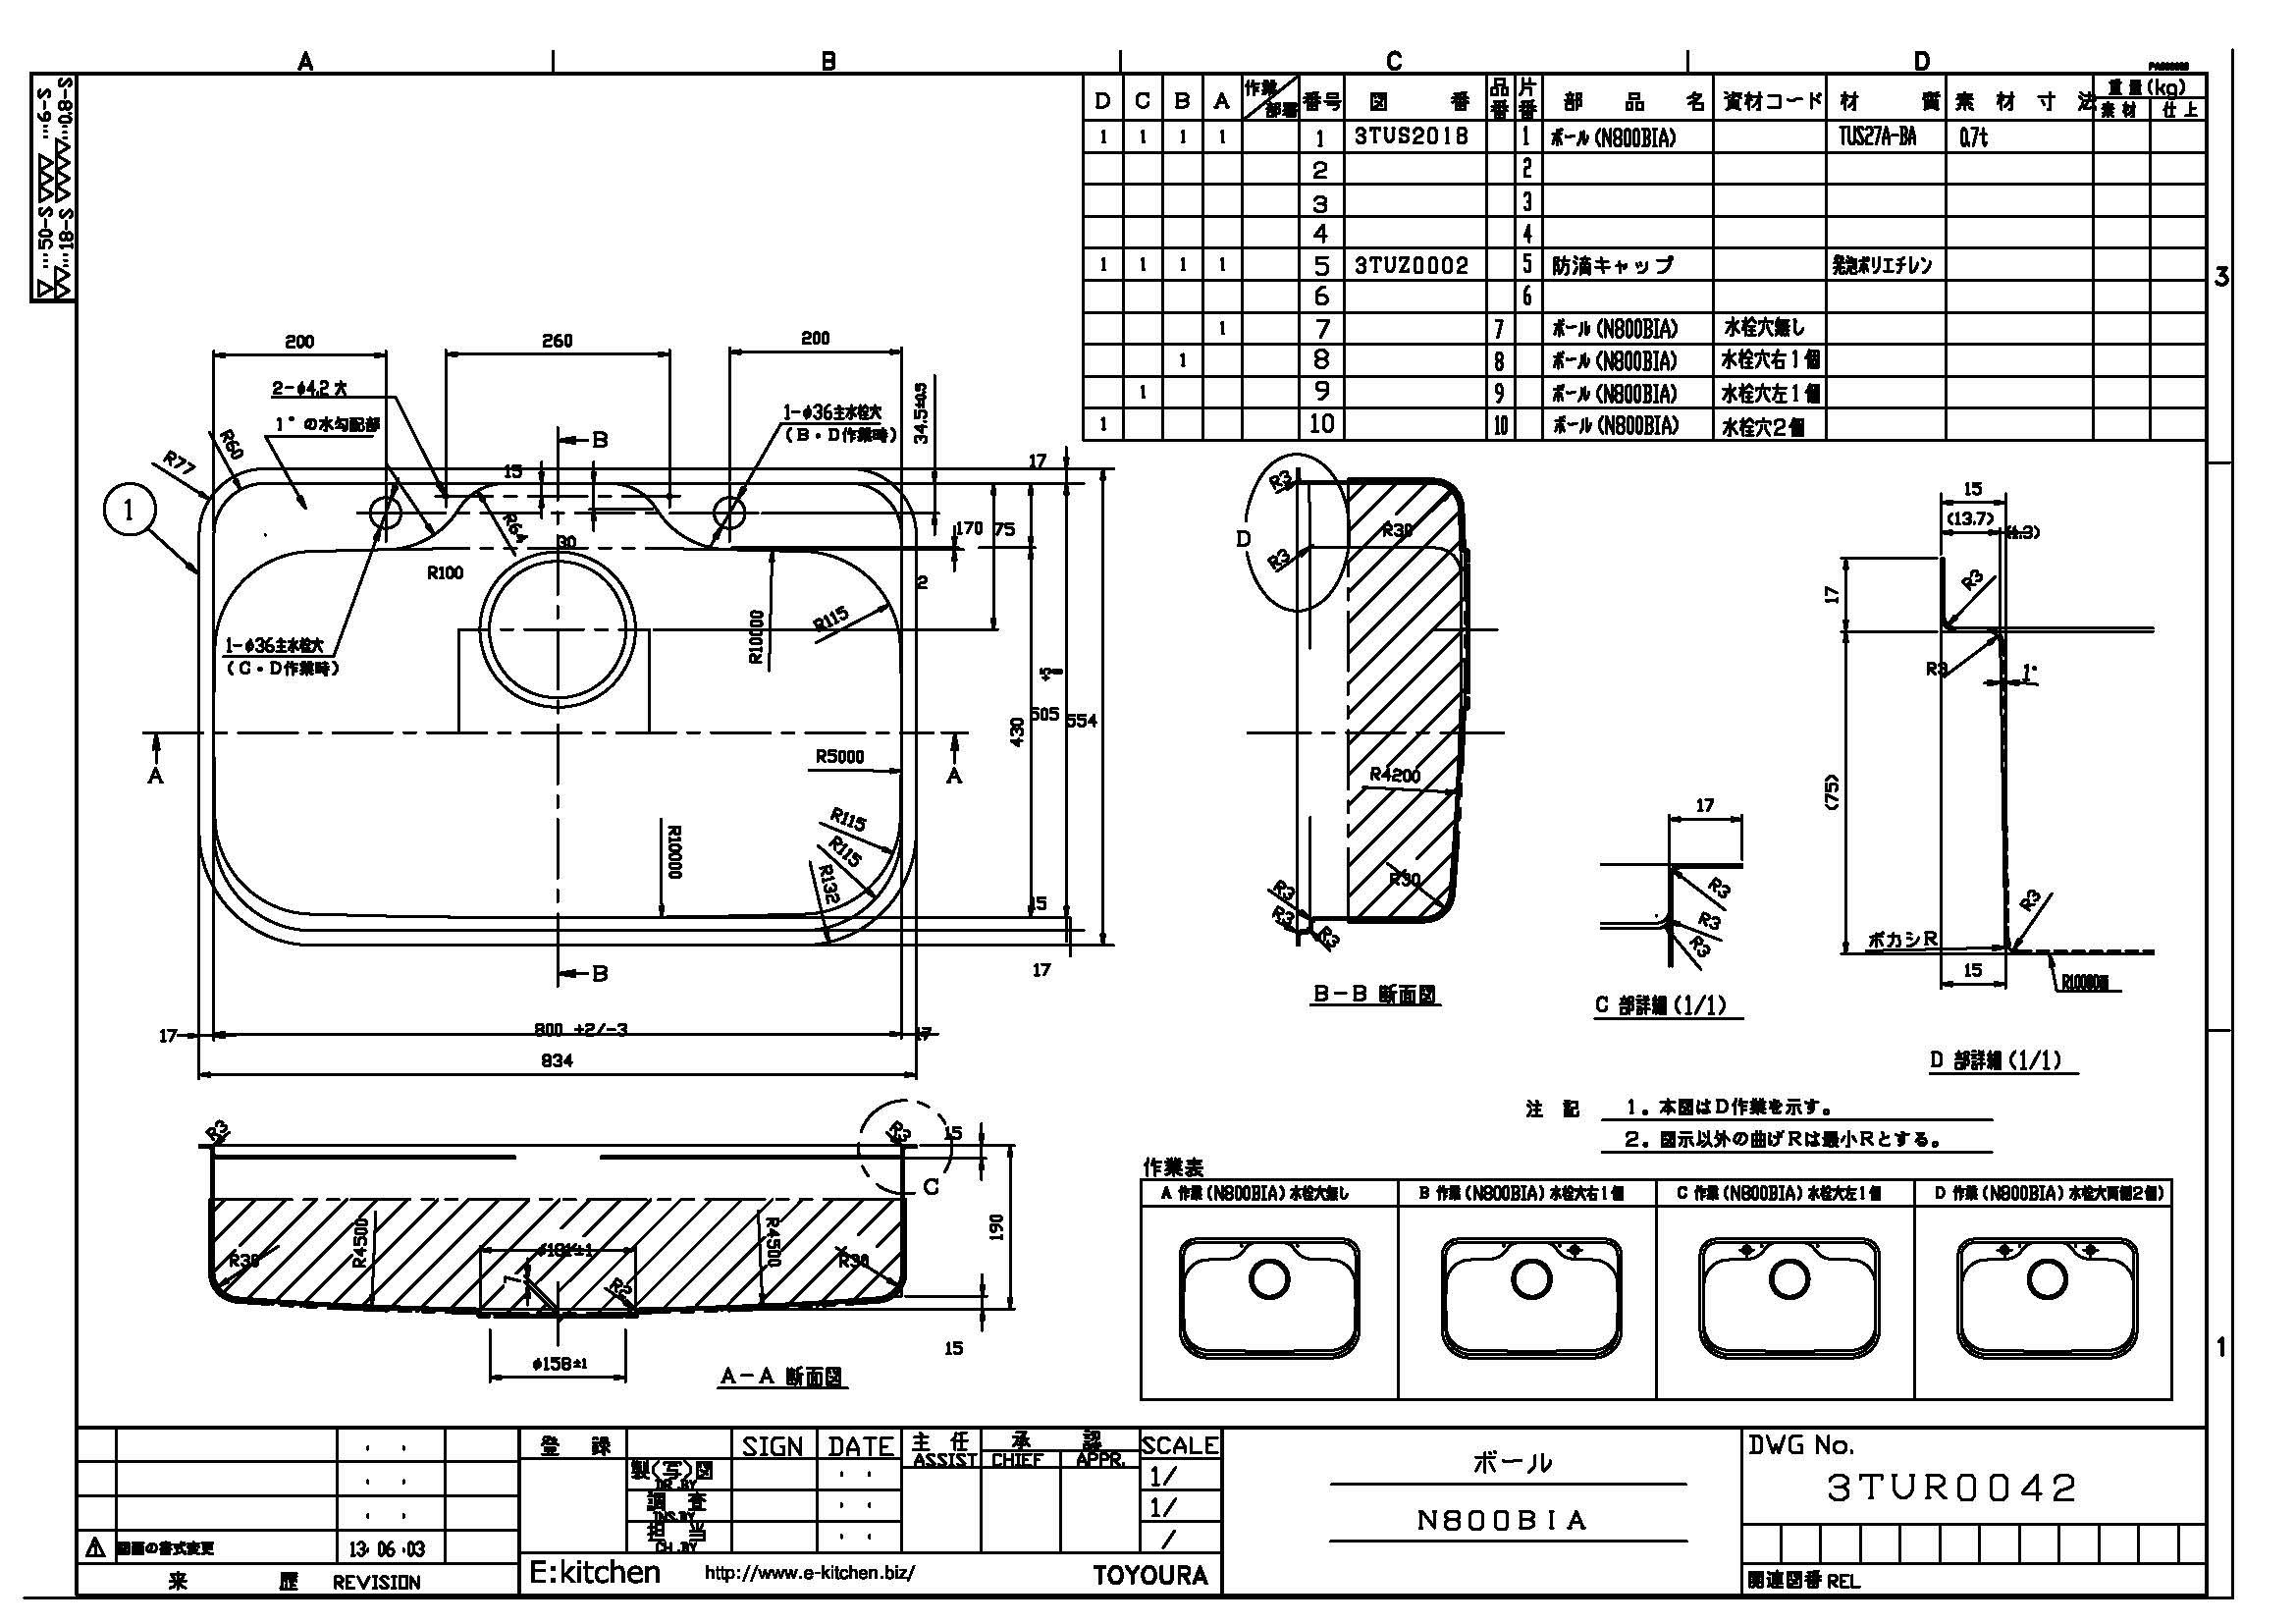 アンダーシンク N800BIA